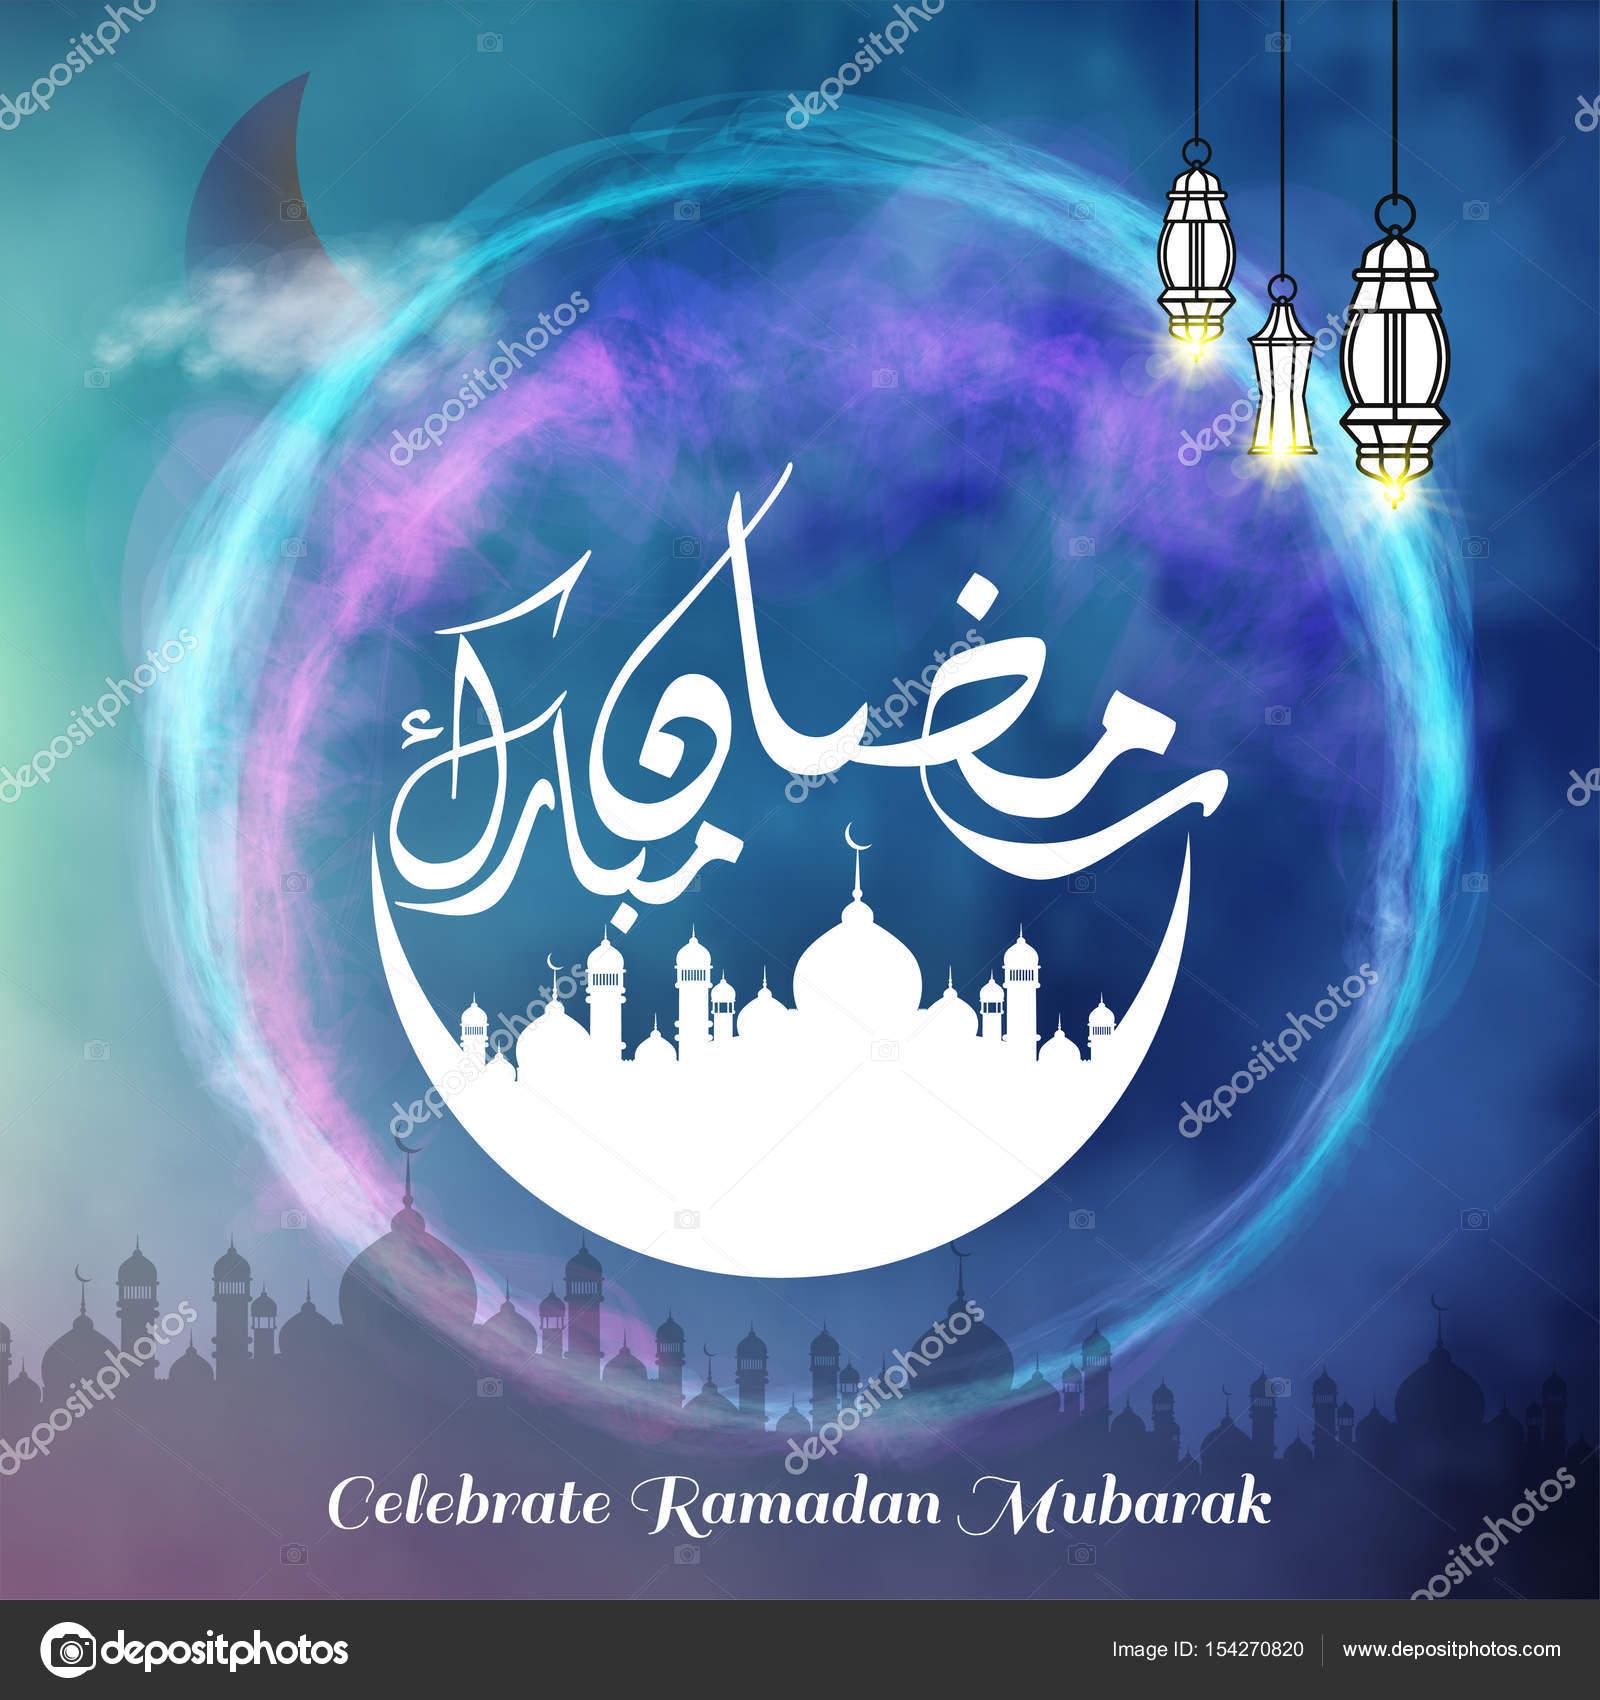 Ramadan mubarak greeting card stock vector ibrandify 154270820 ramadan mubarak greeting card stock vector m4hsunfo